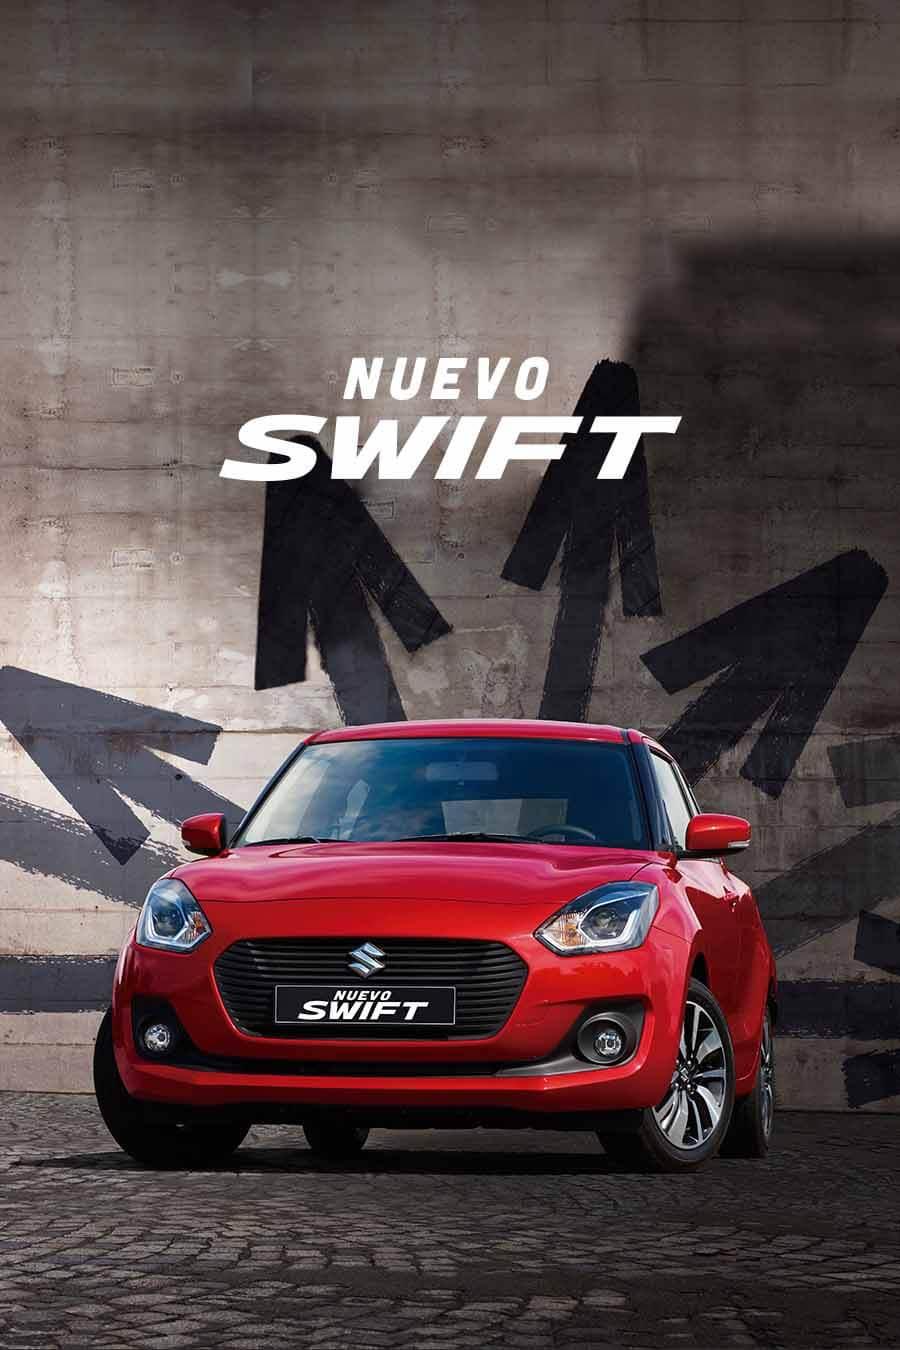 Suzuki-NuevoSwift-Mobile-01